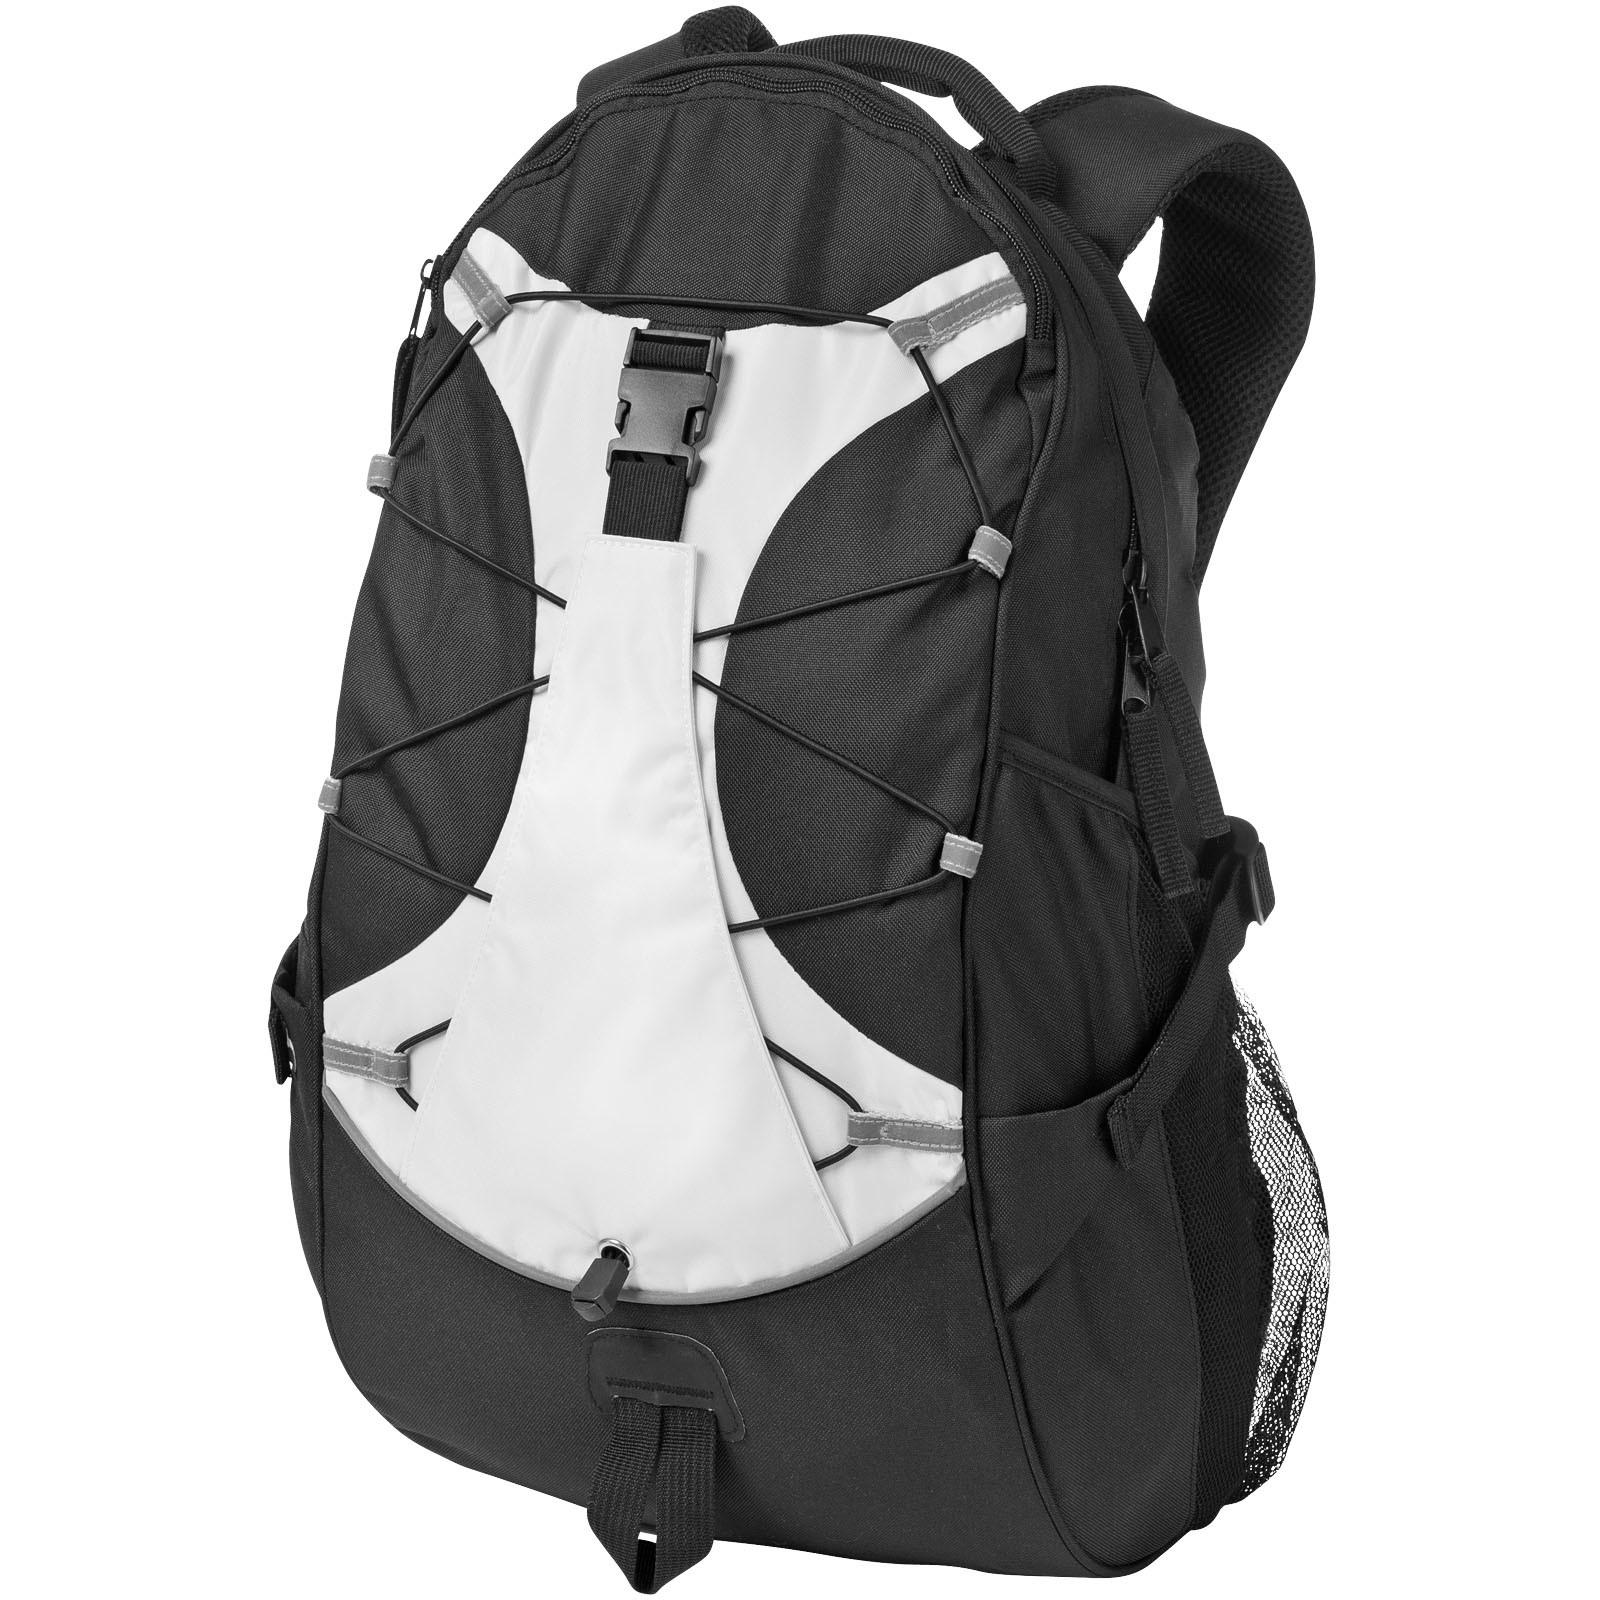 Batoh Hikers - Bílá / Černá